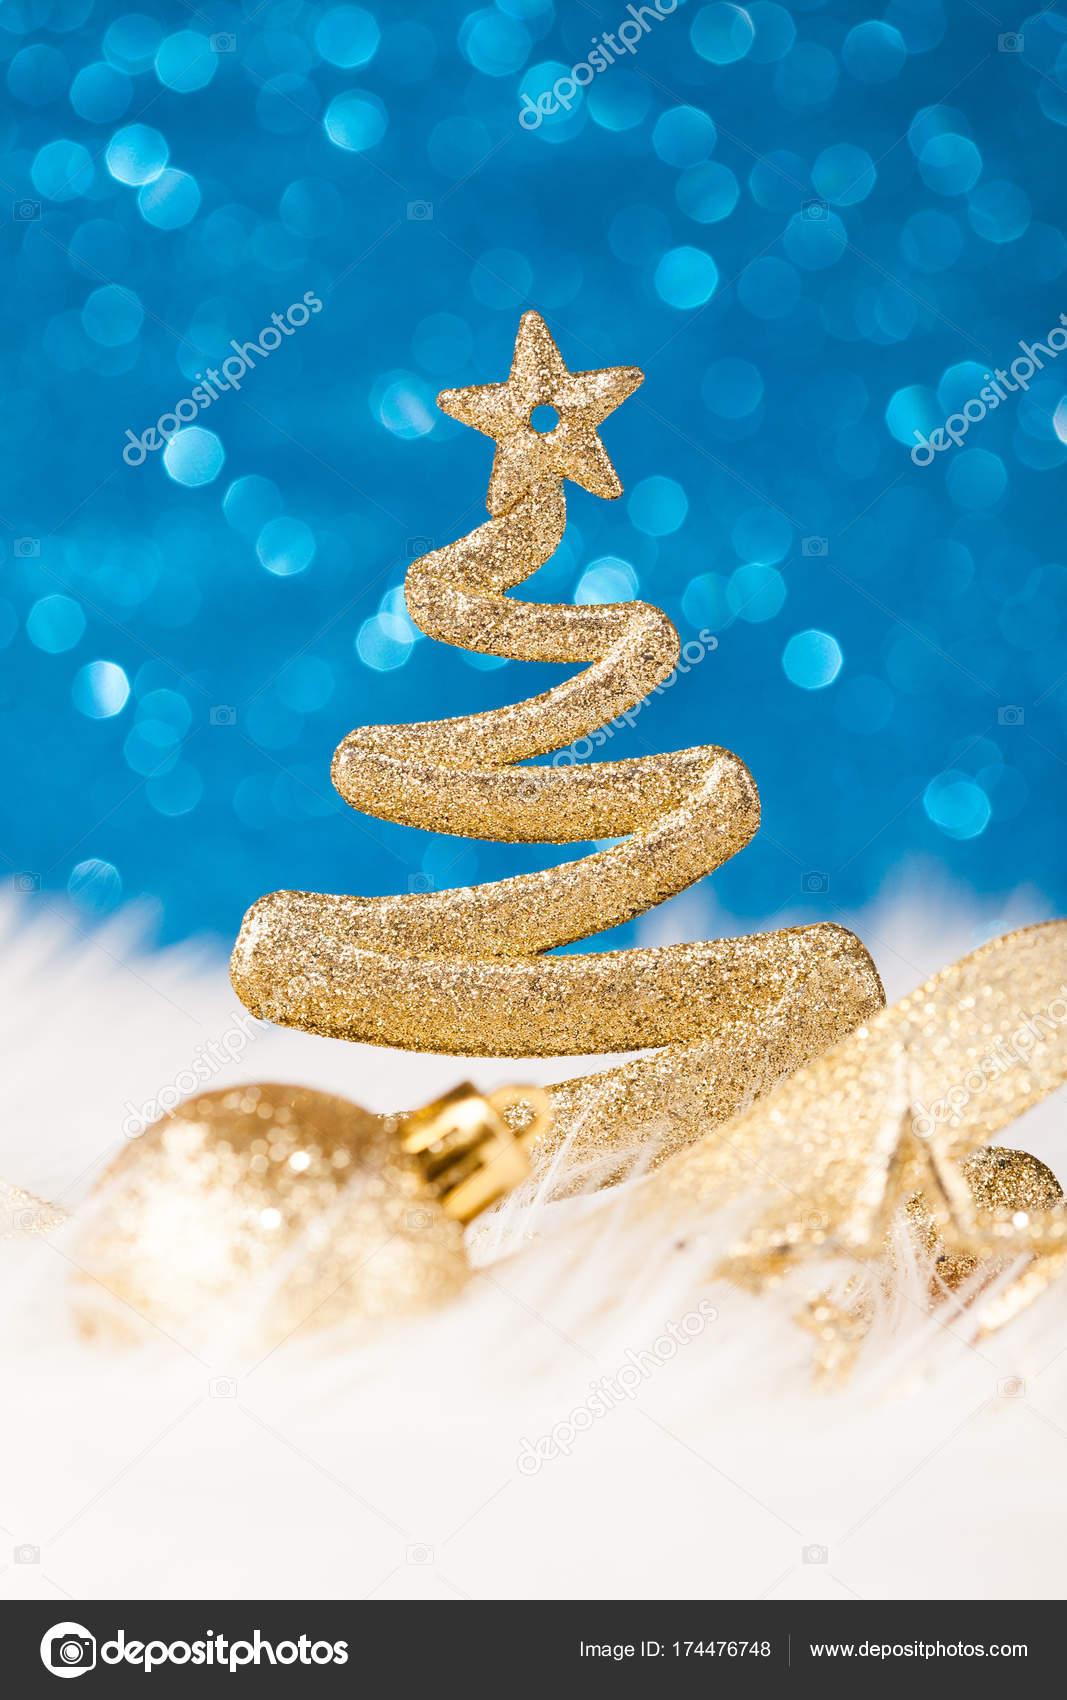 Immagini Di Natale Glitter.Albero Di Natale Golden Glitter Scintillanti Foto Stock